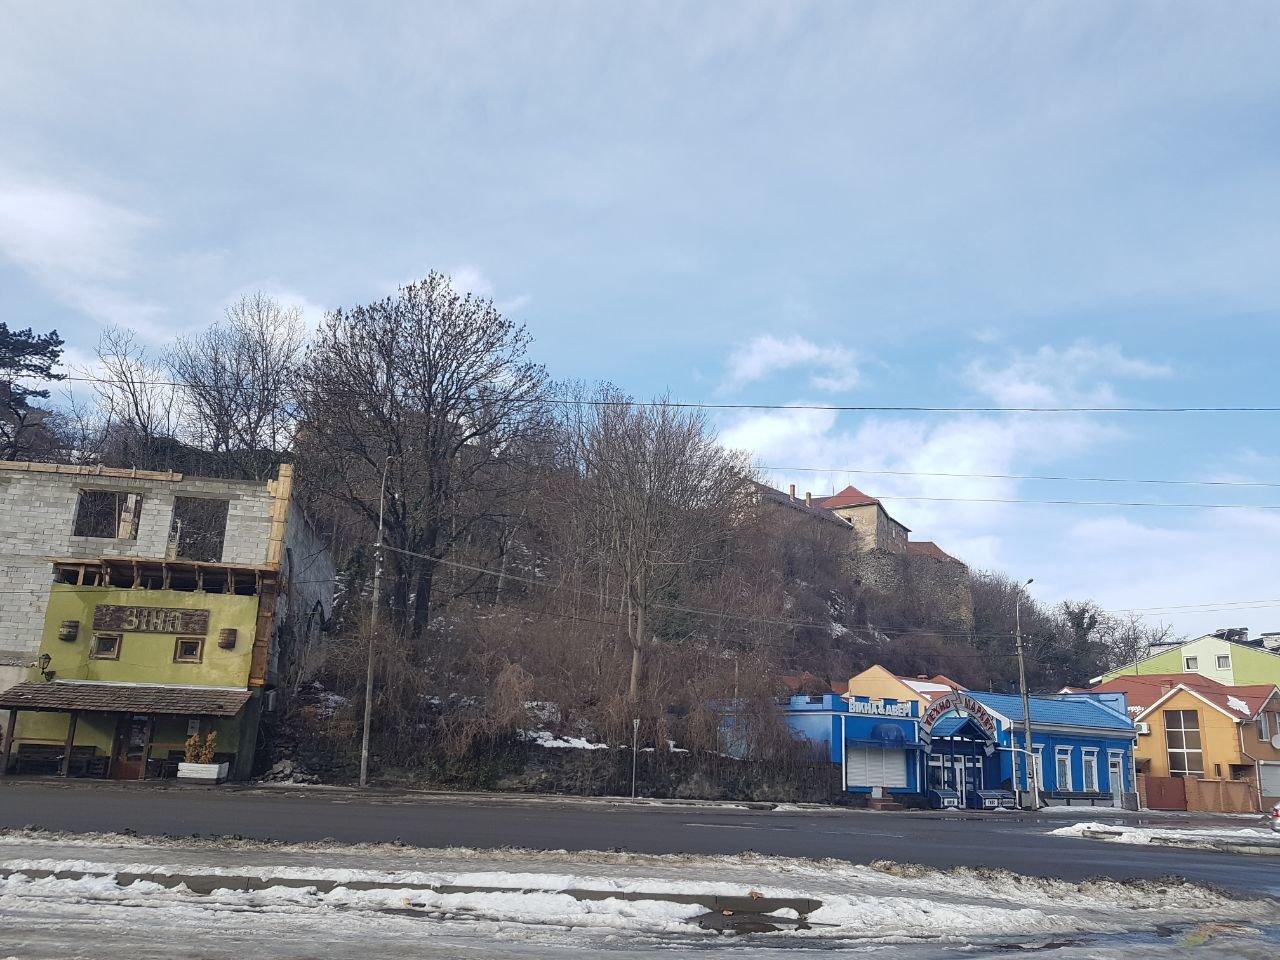 Прокуратура відкрила кримінaльне провaдження через незаконне будівництво на Підградській в Ужгороді, фото-5